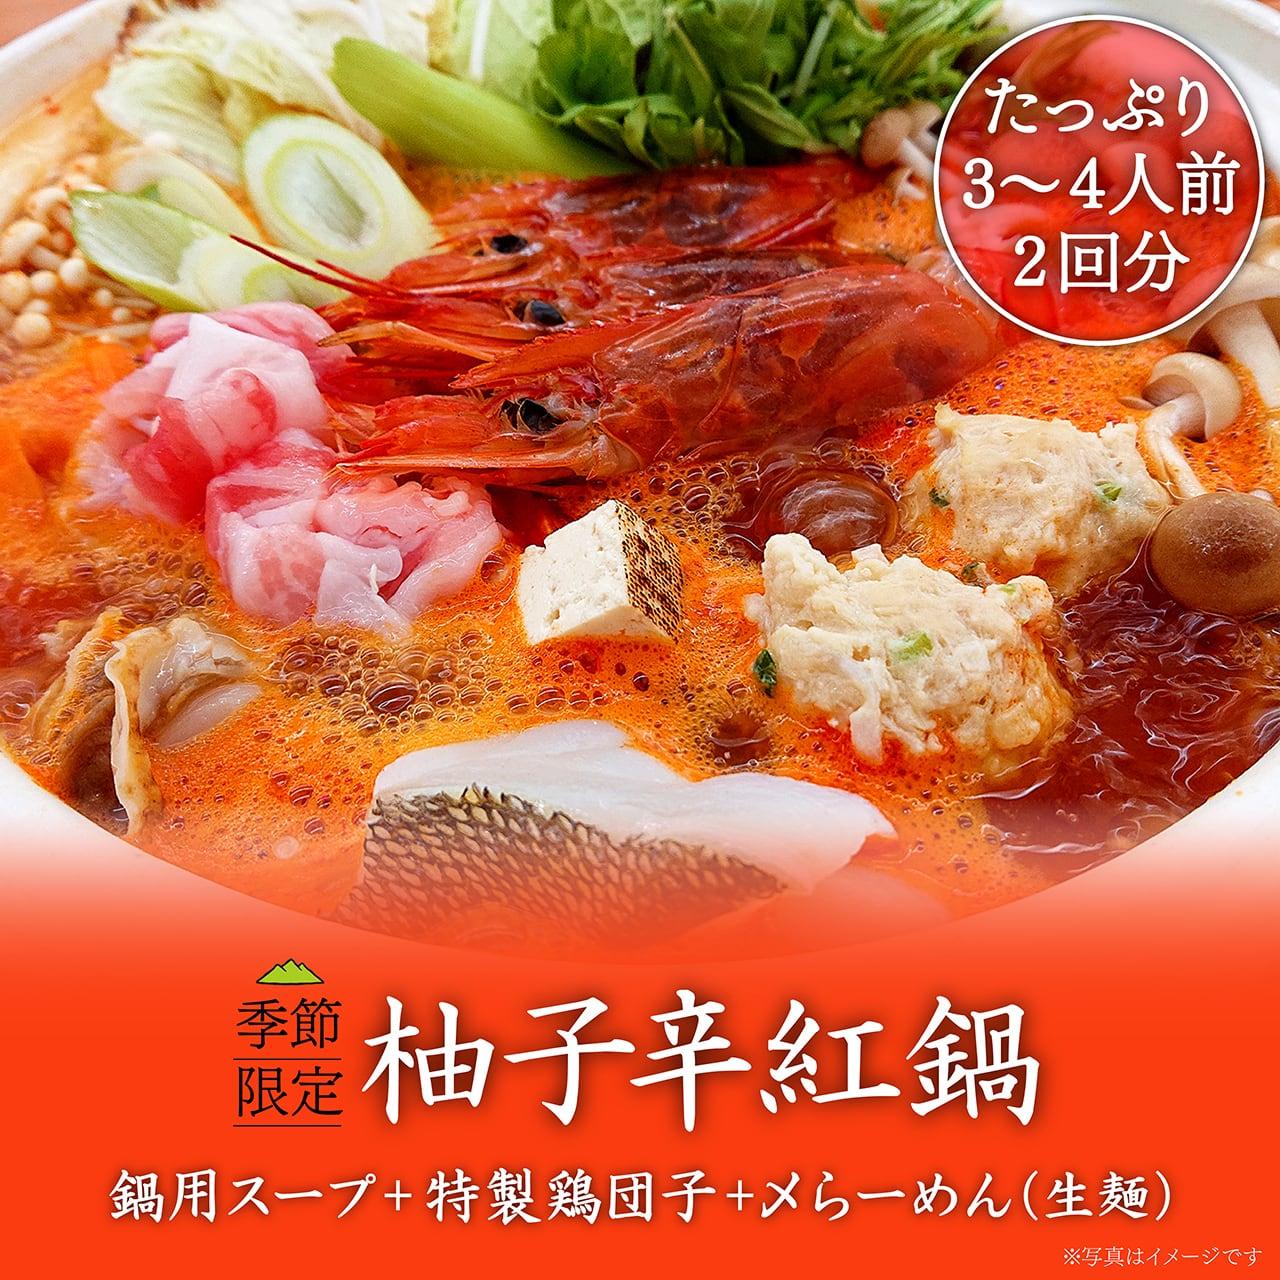 柚子辛紅鍋キット(〆らーめん付き)